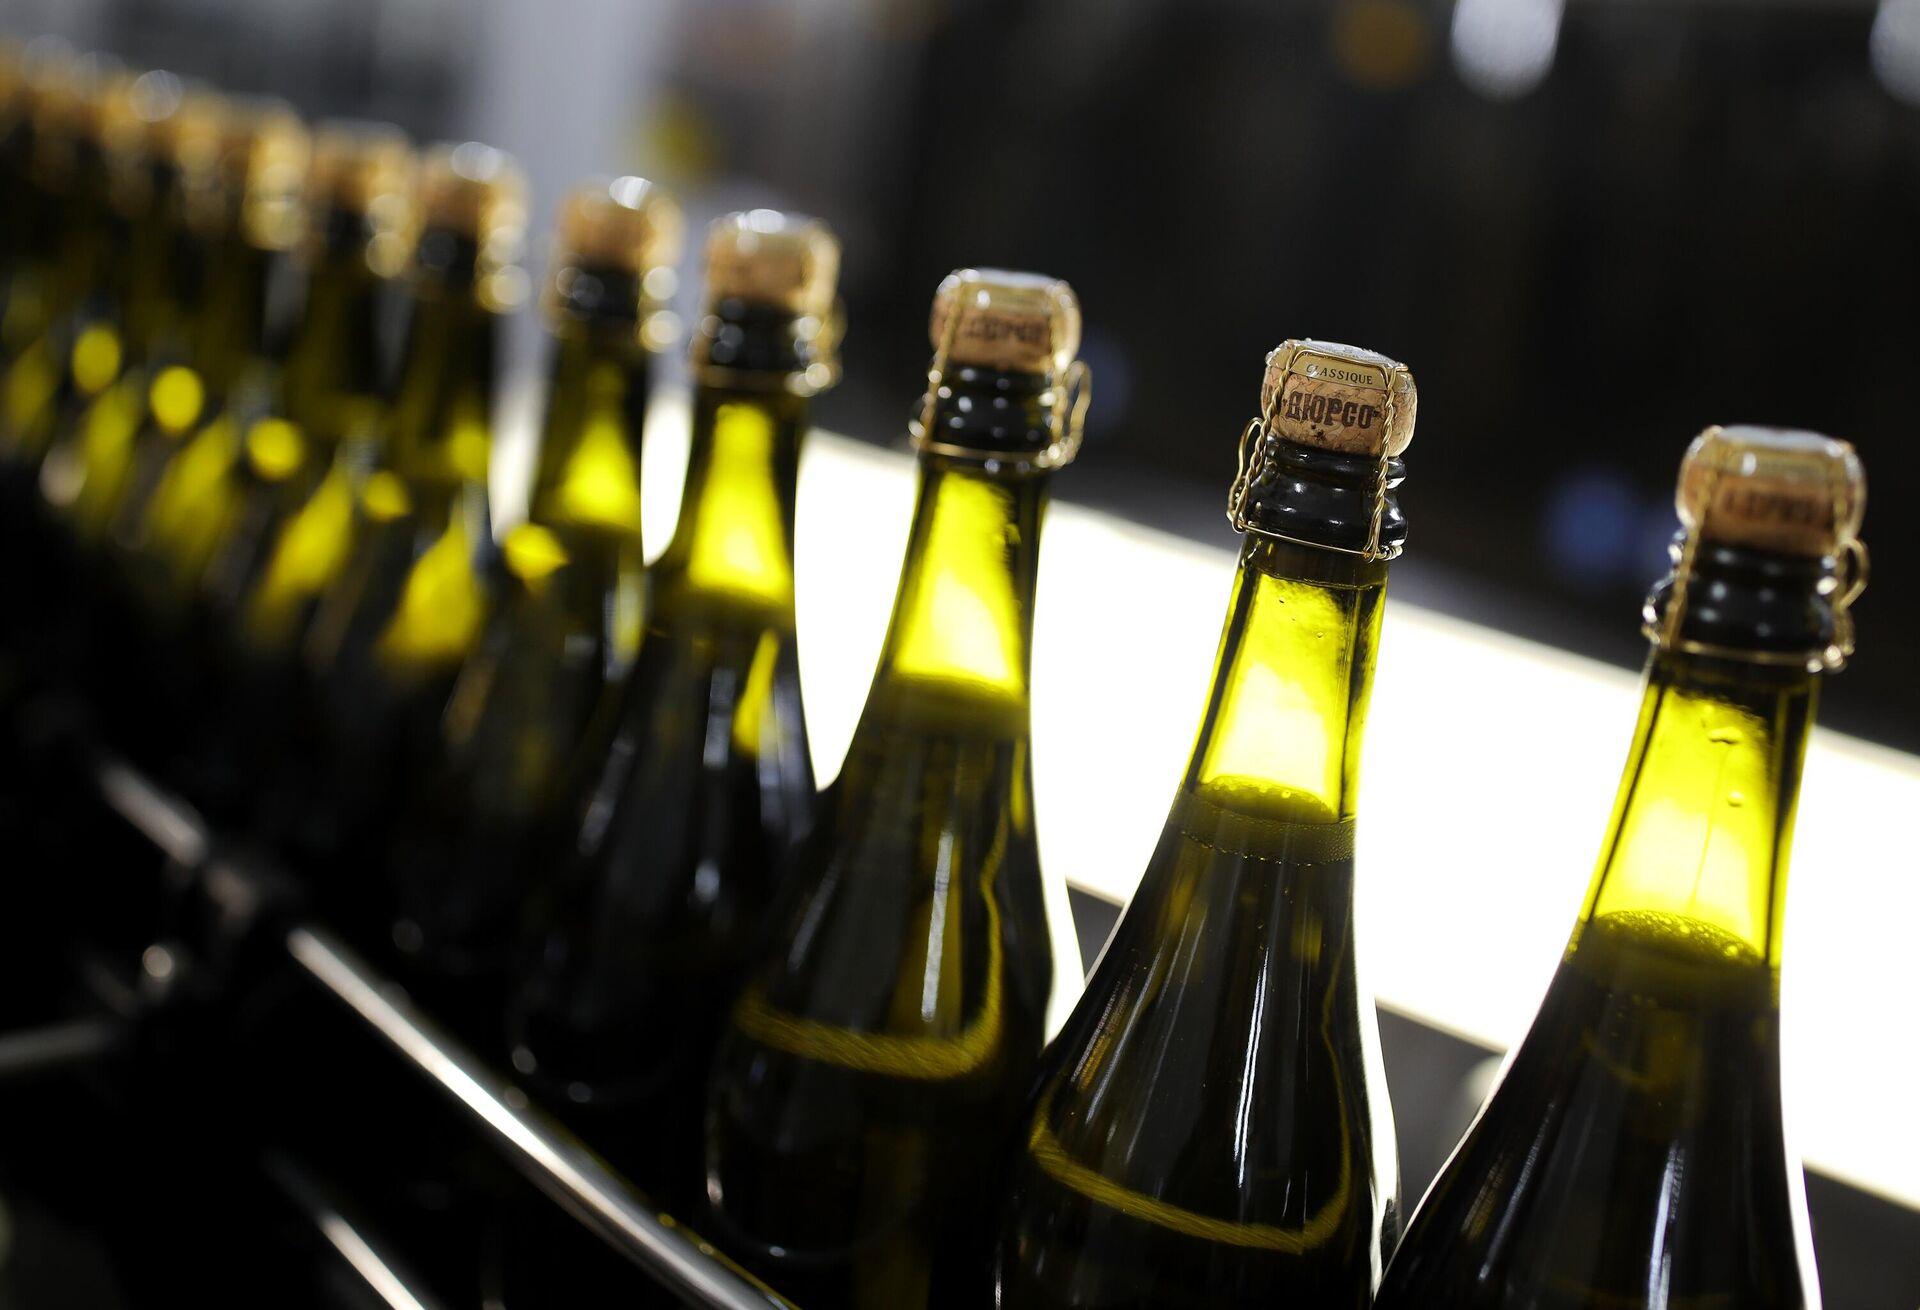 И по качеству, и по цене российское шампанское вытесняет конкурентов